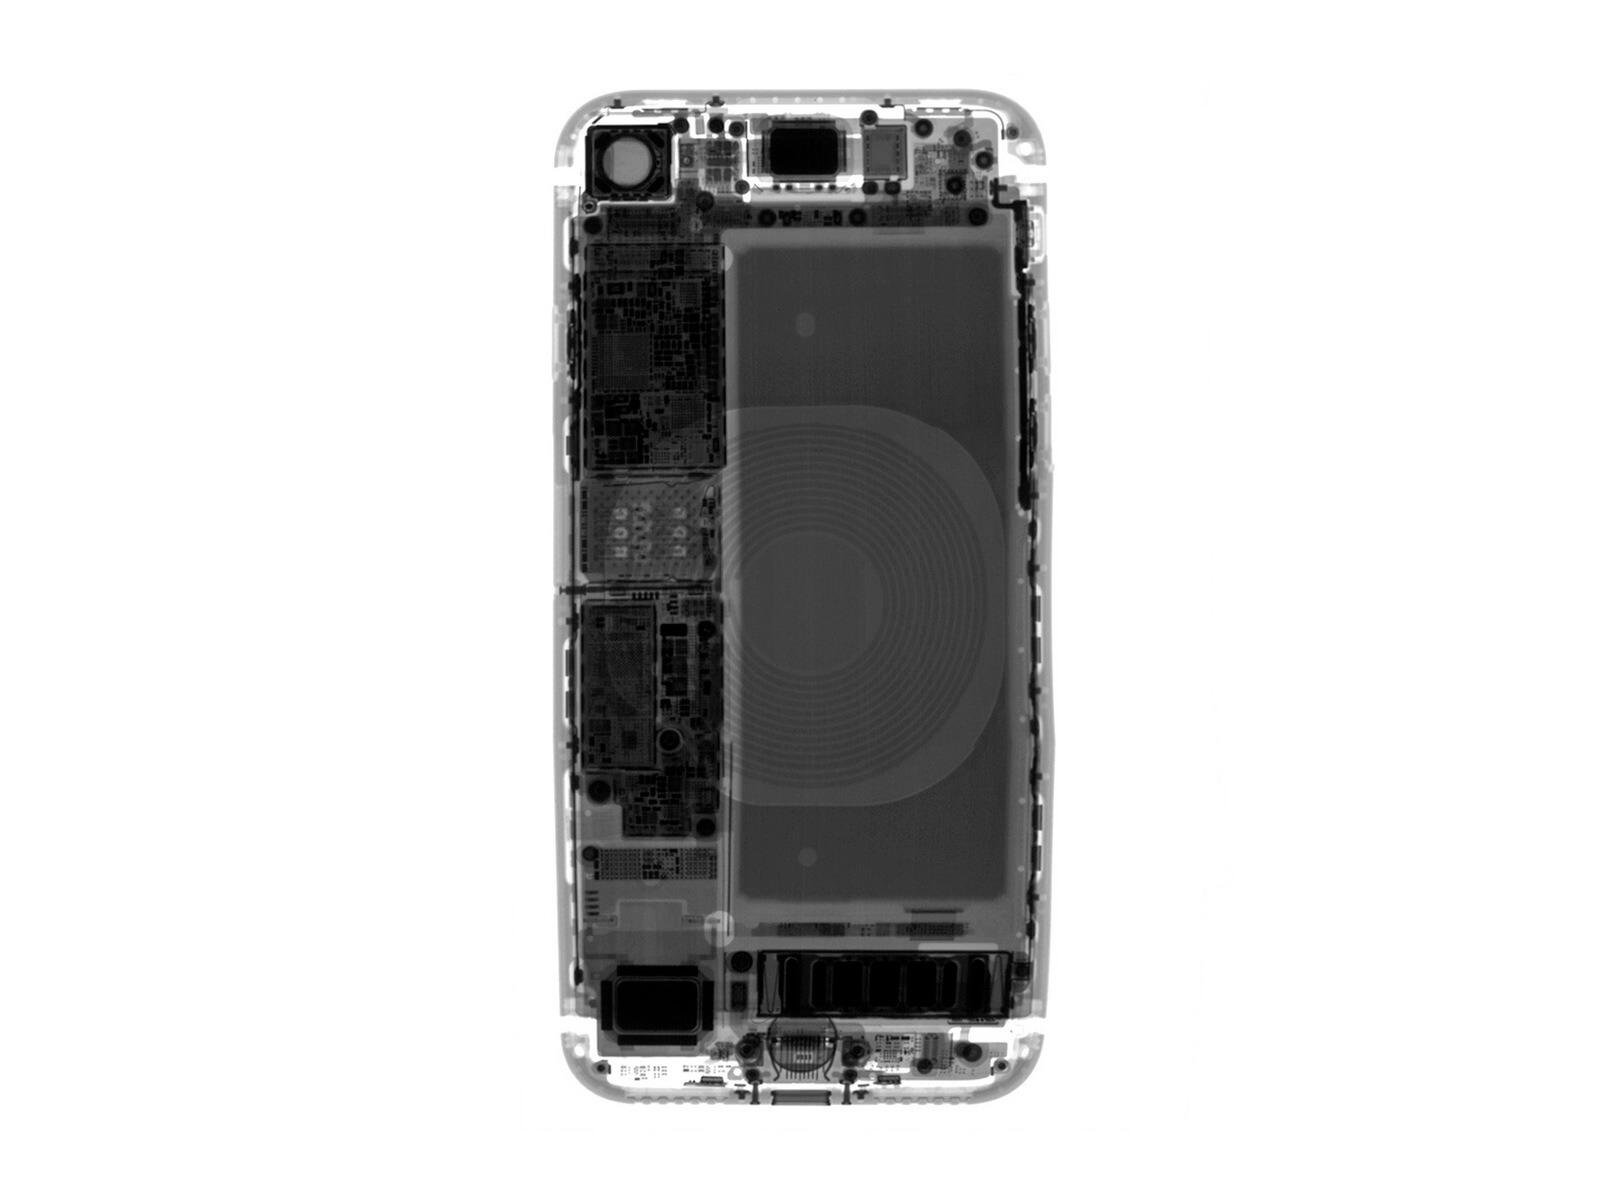 Schwächelnder Absatz: Bringt Apple jetzt das iPhone X zurück?